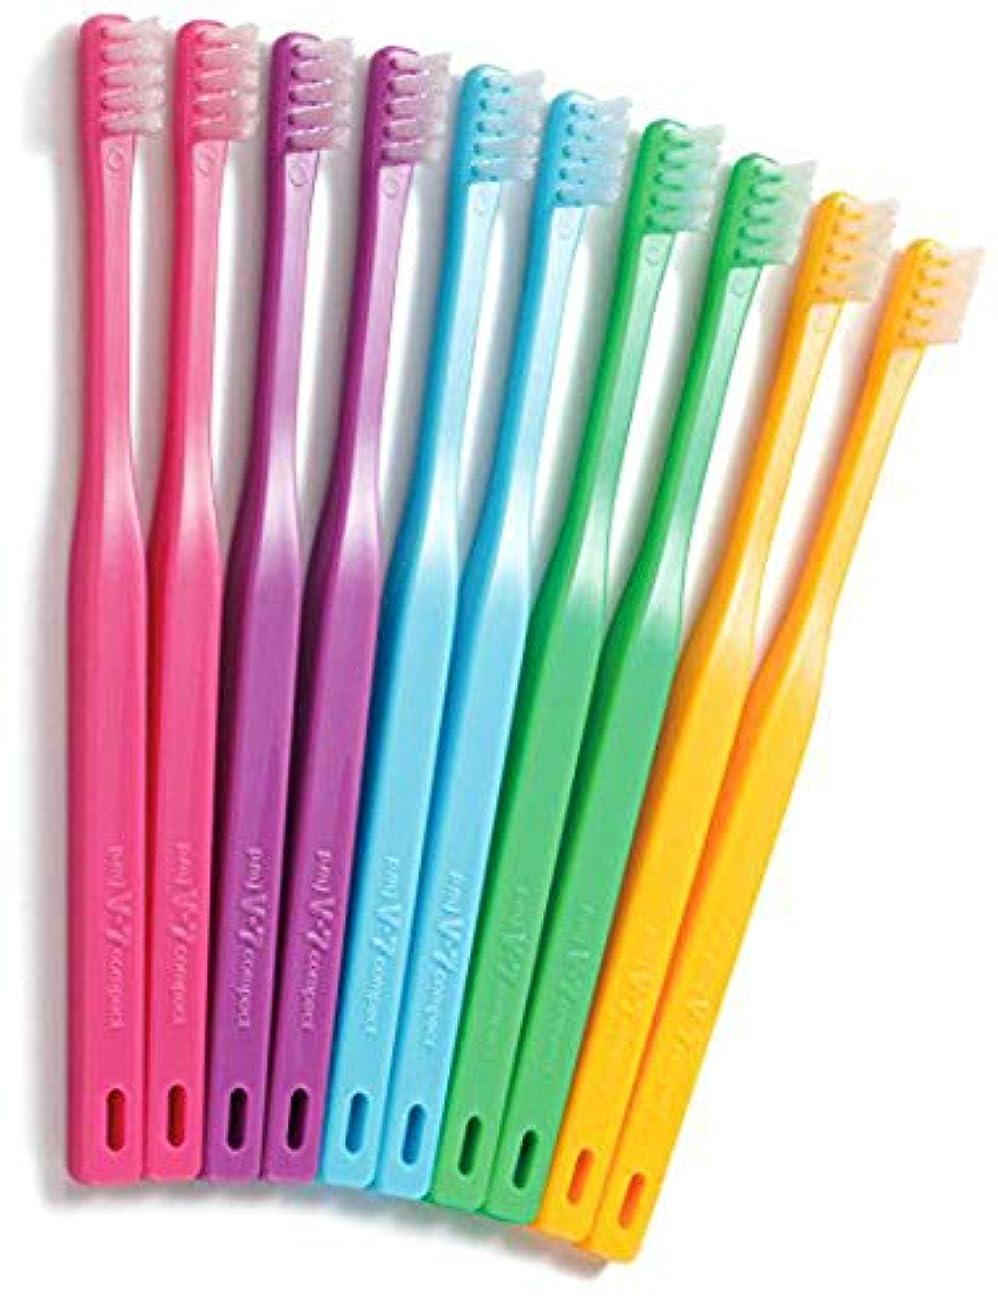 くしゃくしゃ姉妹ディレクトリつまようじ法歯ブラシ V-7 コンパクトヘッド ビビッドカラー 3本